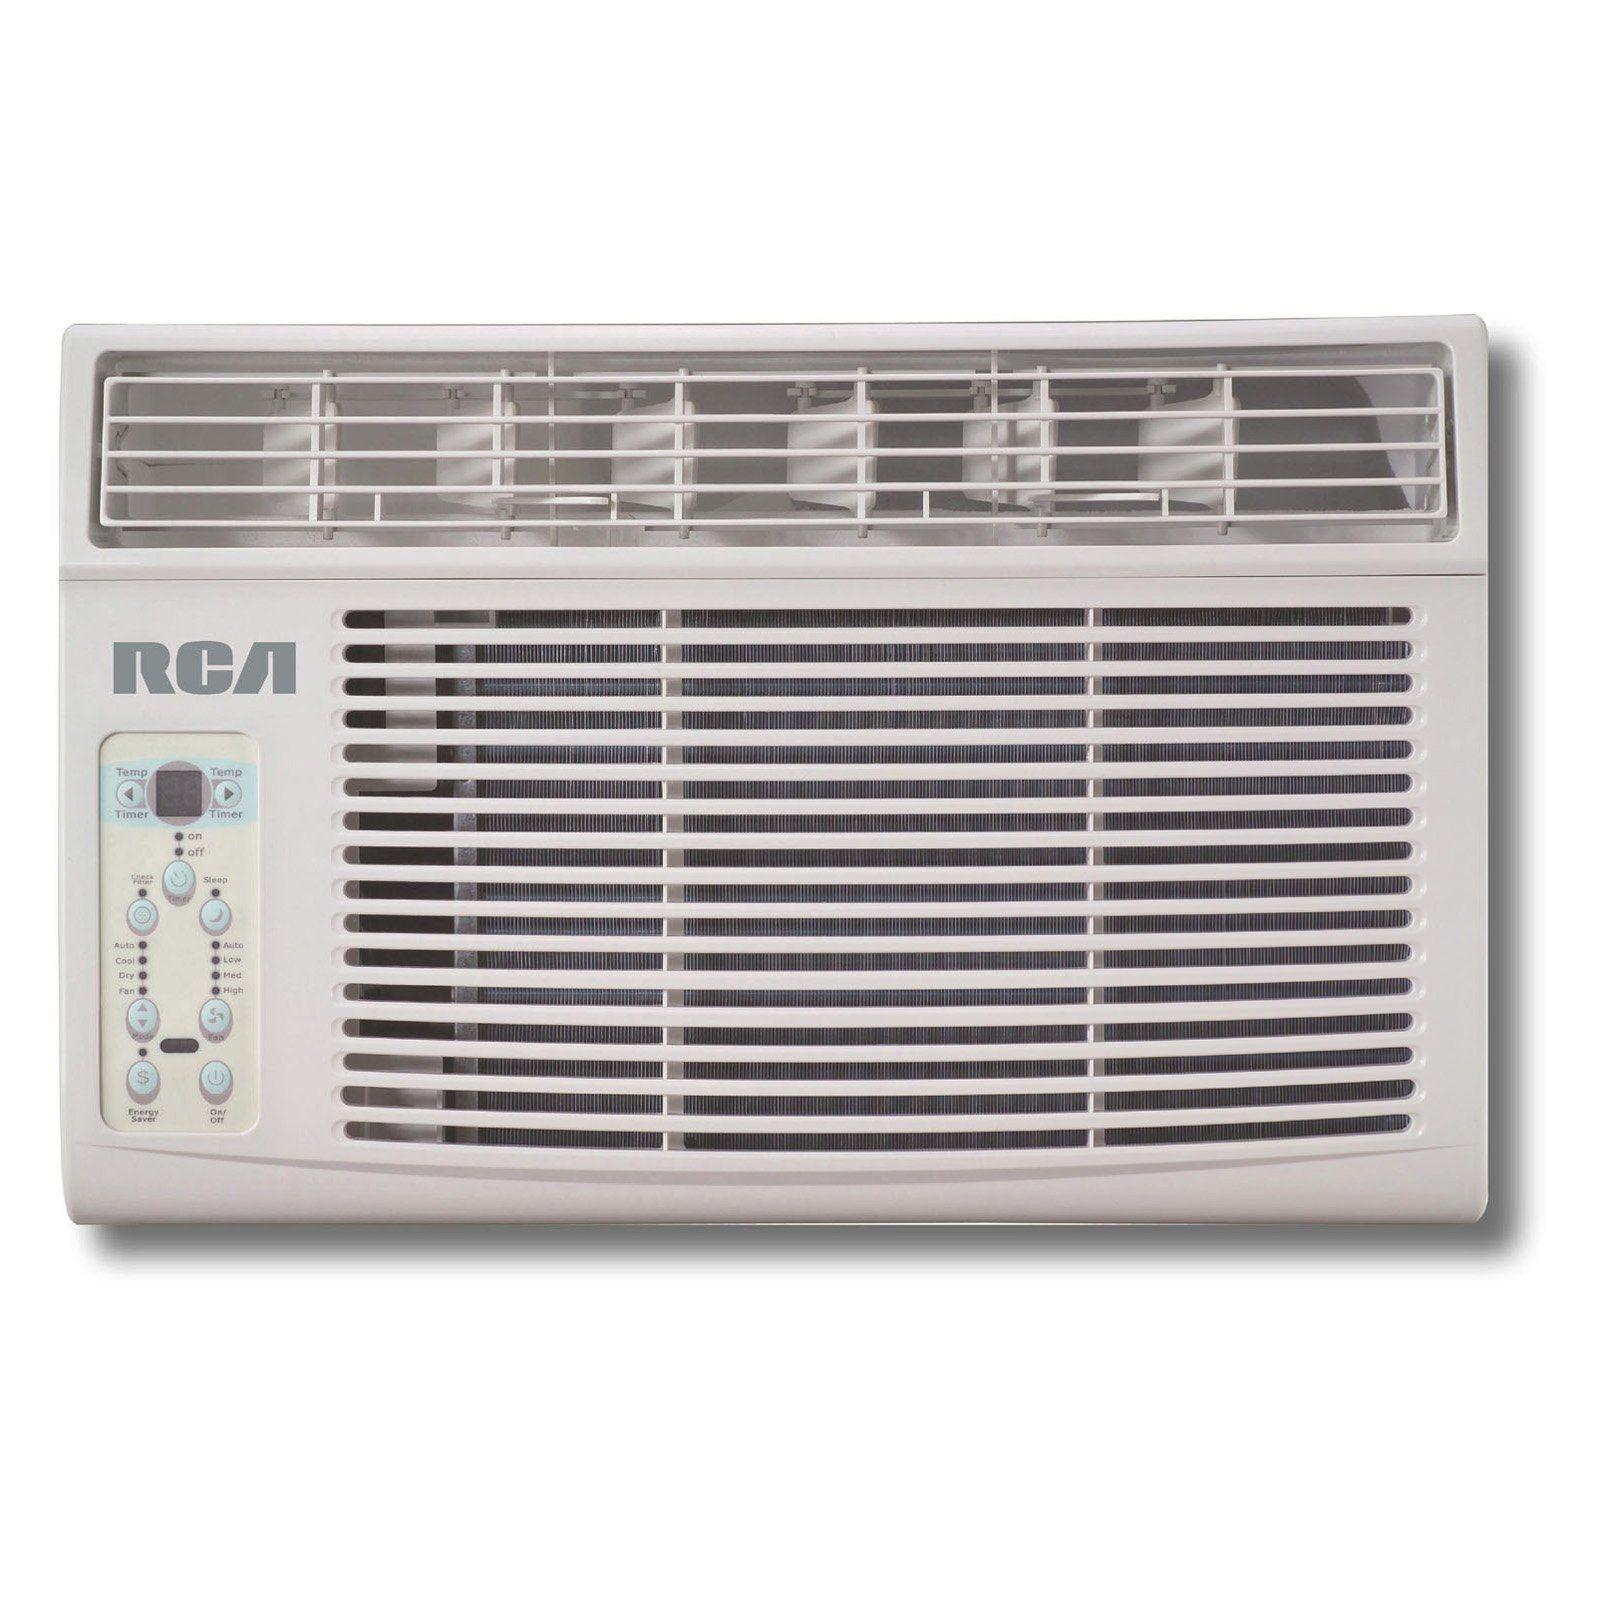 RCA RACE8002E Energy Star 8000 BTU Window Air Conditioner